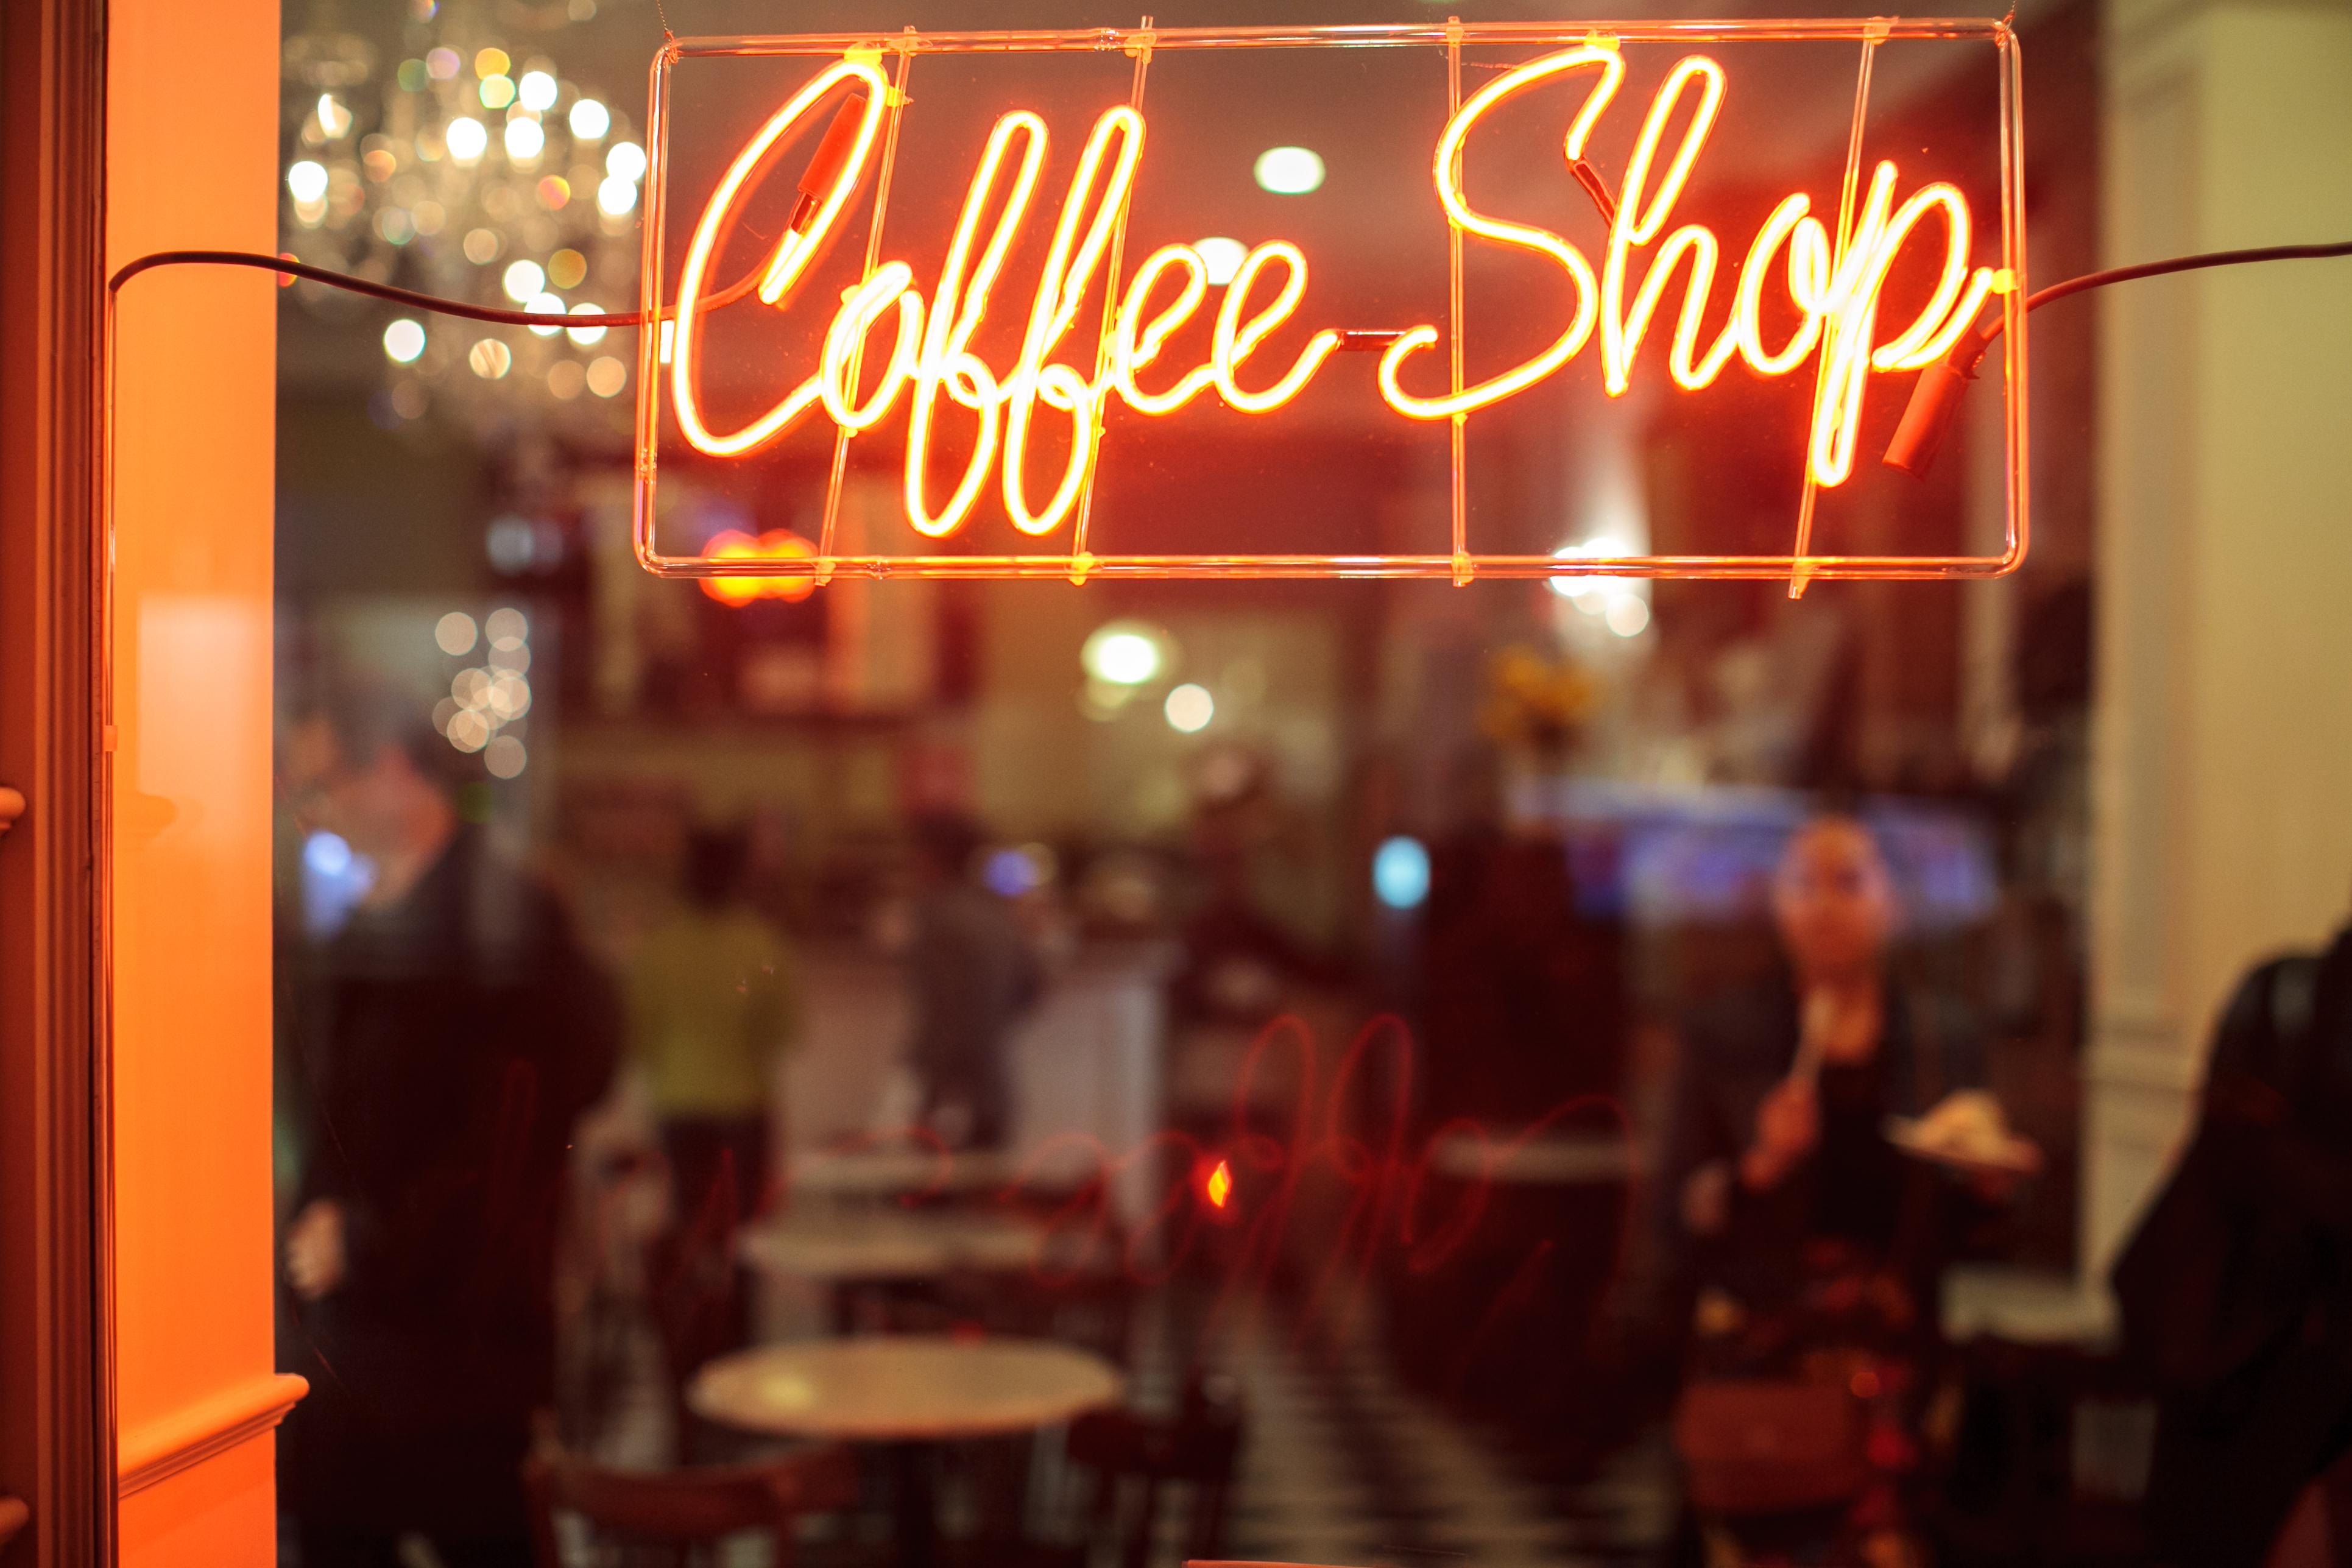 64 بالمئة من الأميركيين فوق سن 18 عاما يقولون إنهم يتناولون القهوة يوميا مرة واحدة على الأقل